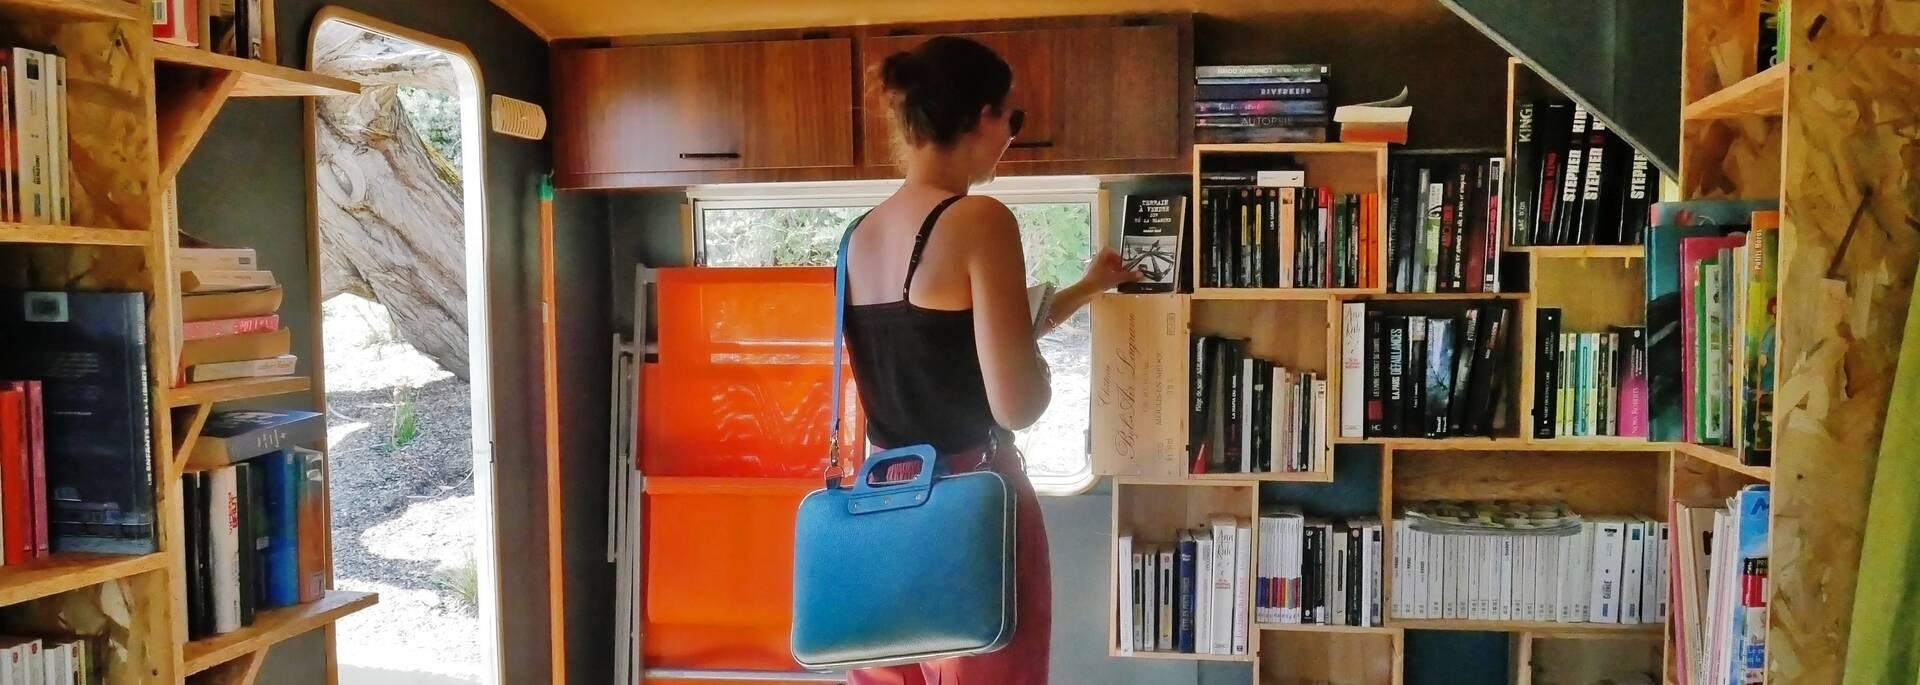 La Caravane aux livres